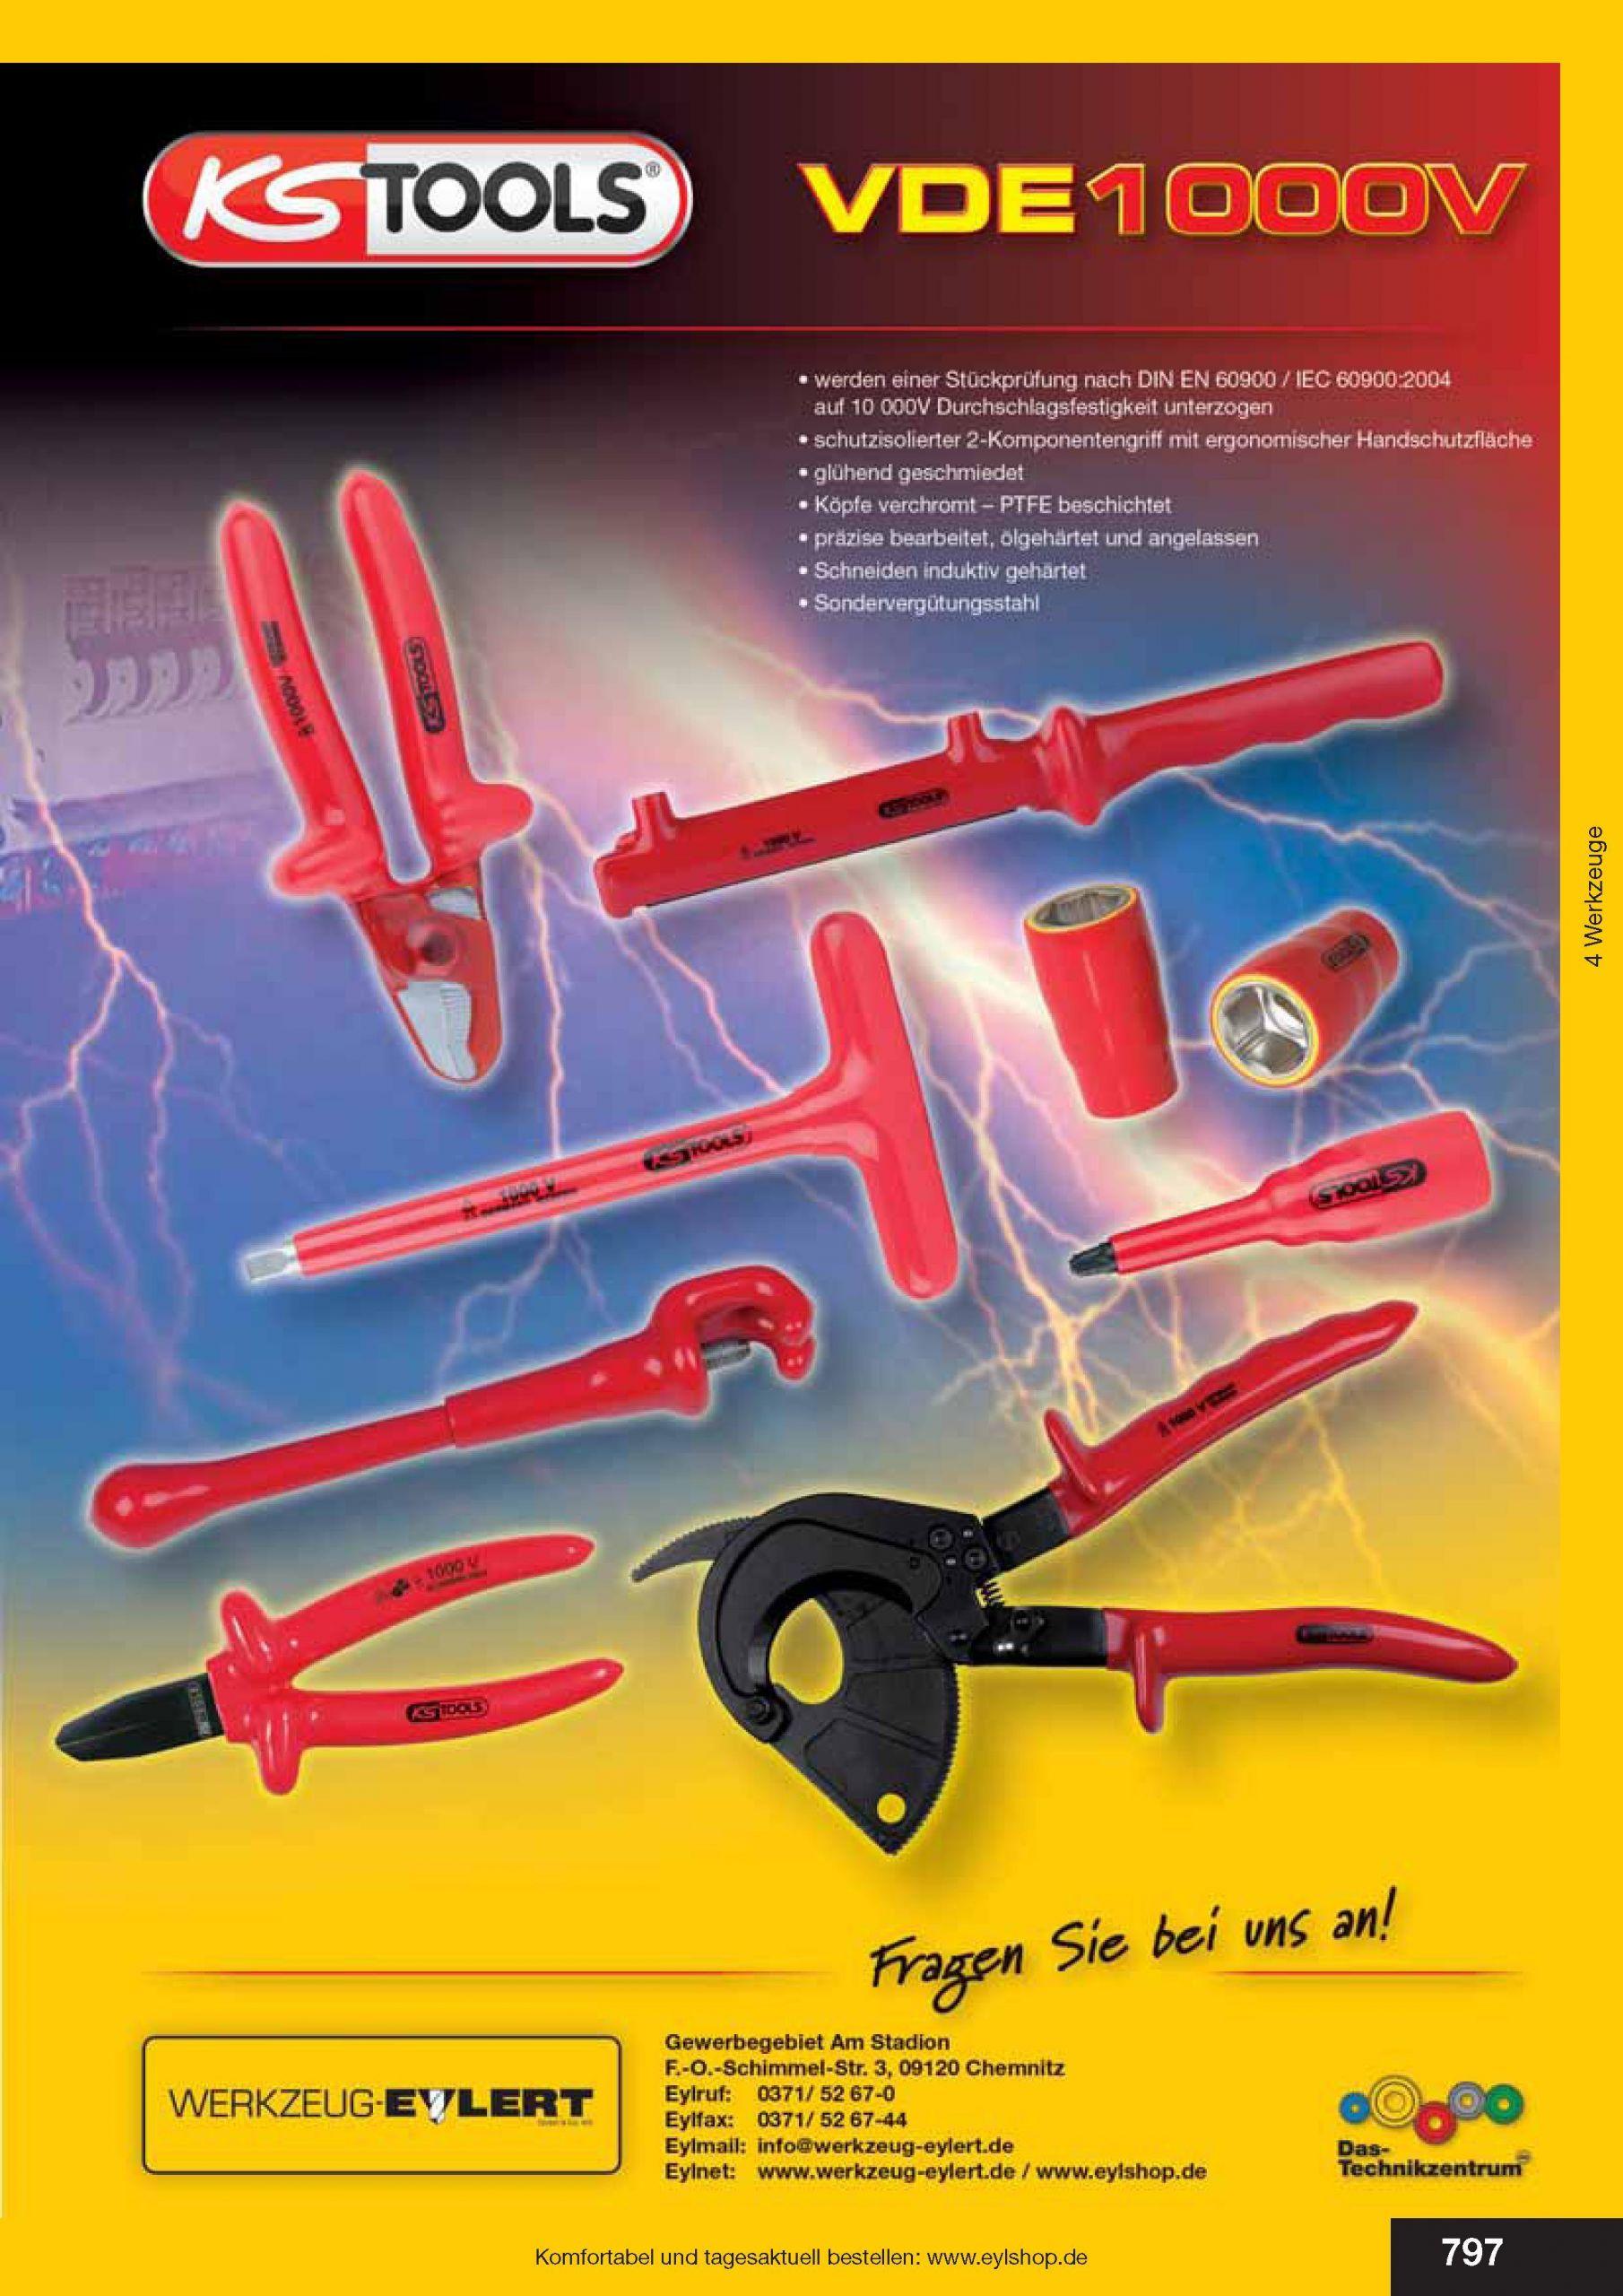 WERKZEUG EYLERT 2016 Katalog 6 Instrument Osnastka Oborudovanie Materialy Mebel Kliuchi 0797b Lab2U